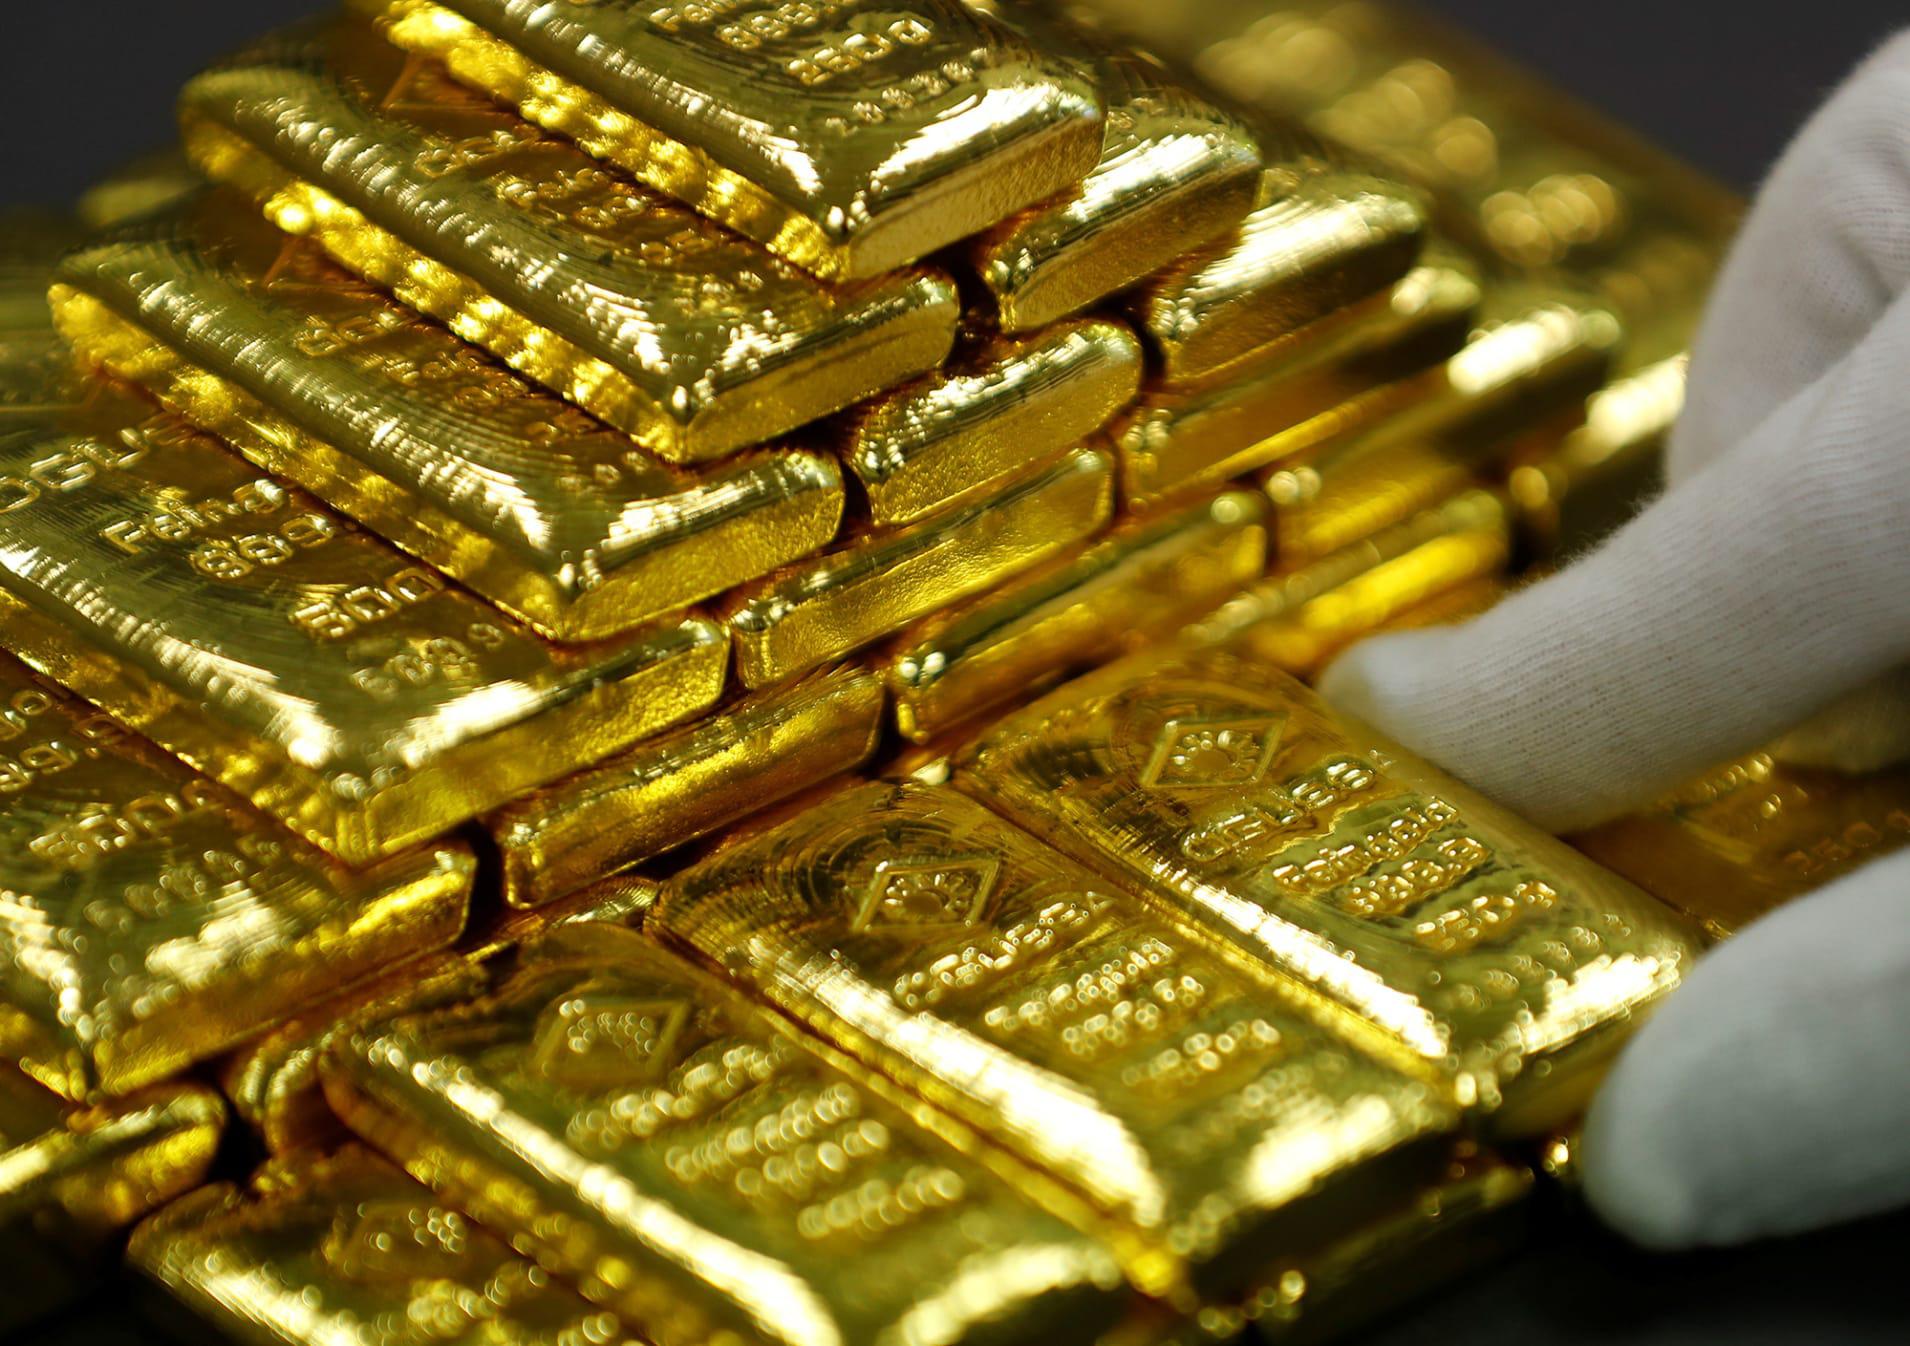 Giá vàng hôm nay 13/4: Ổn định ở mức cao trên thị trường quốc tế - Ảnh 1.